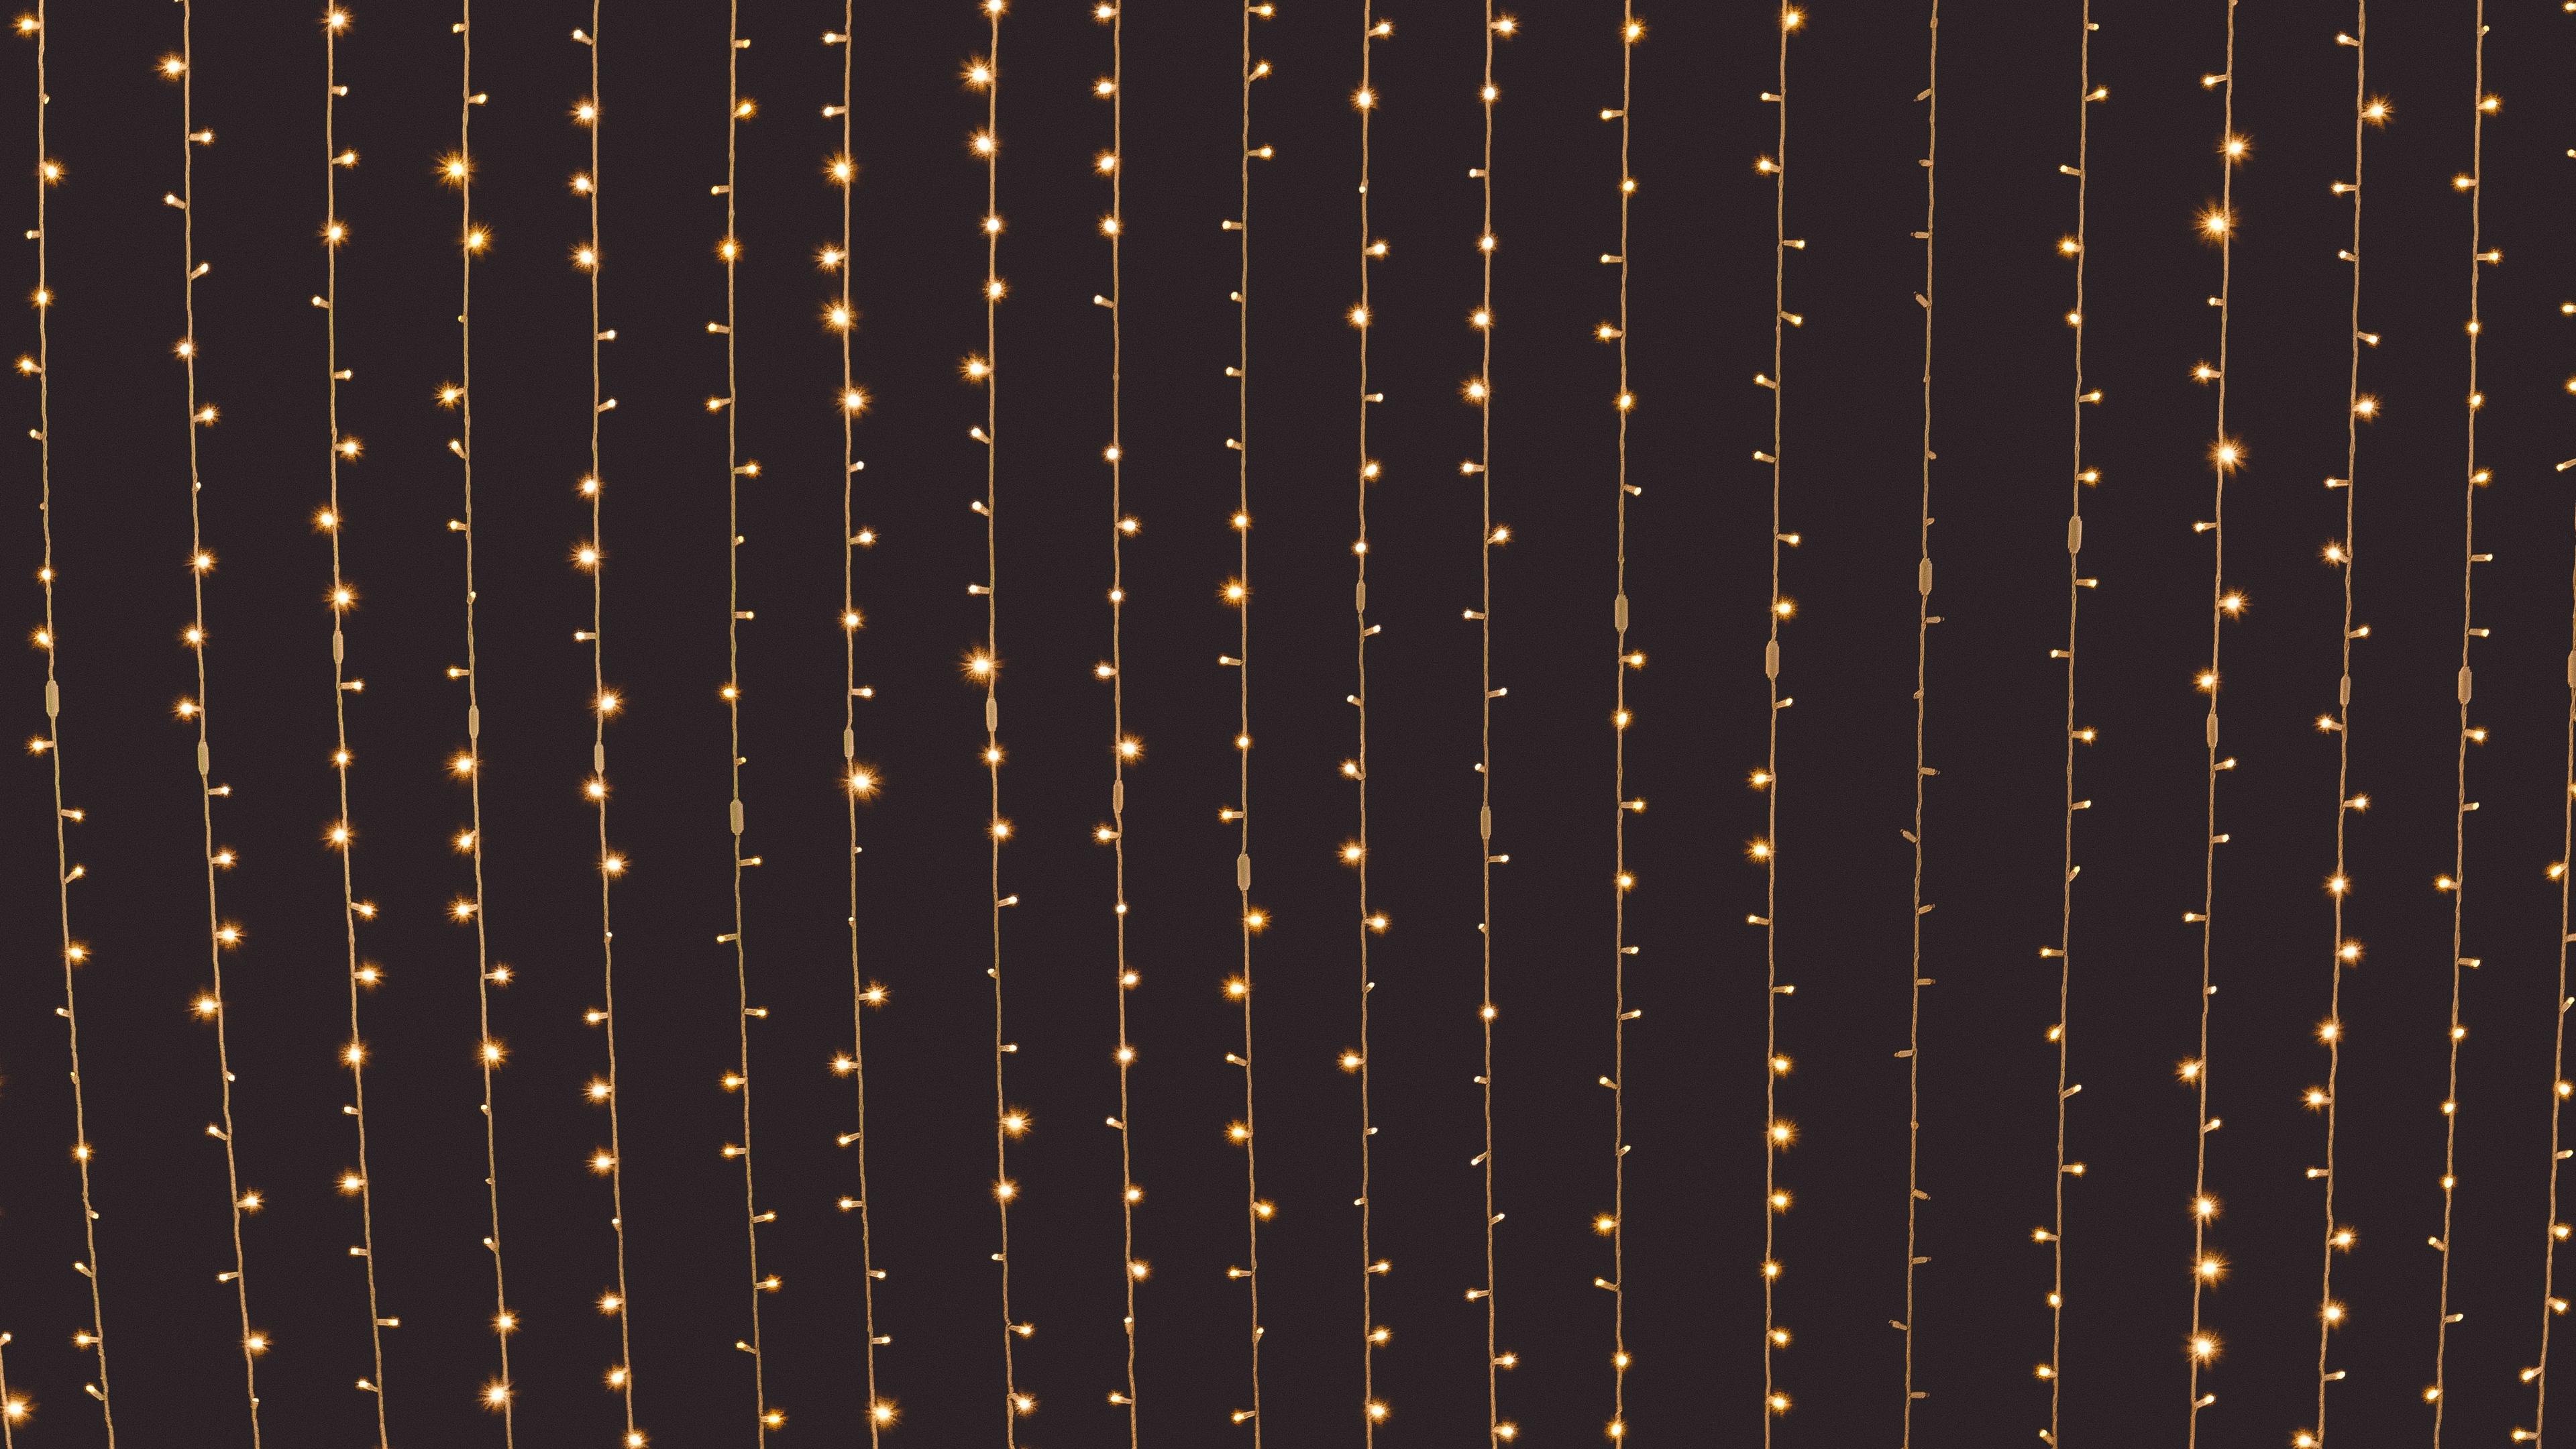 garlands light electricity 4k 1540575316 - garlands, light, electricity 4k - Light, garlands, electricity